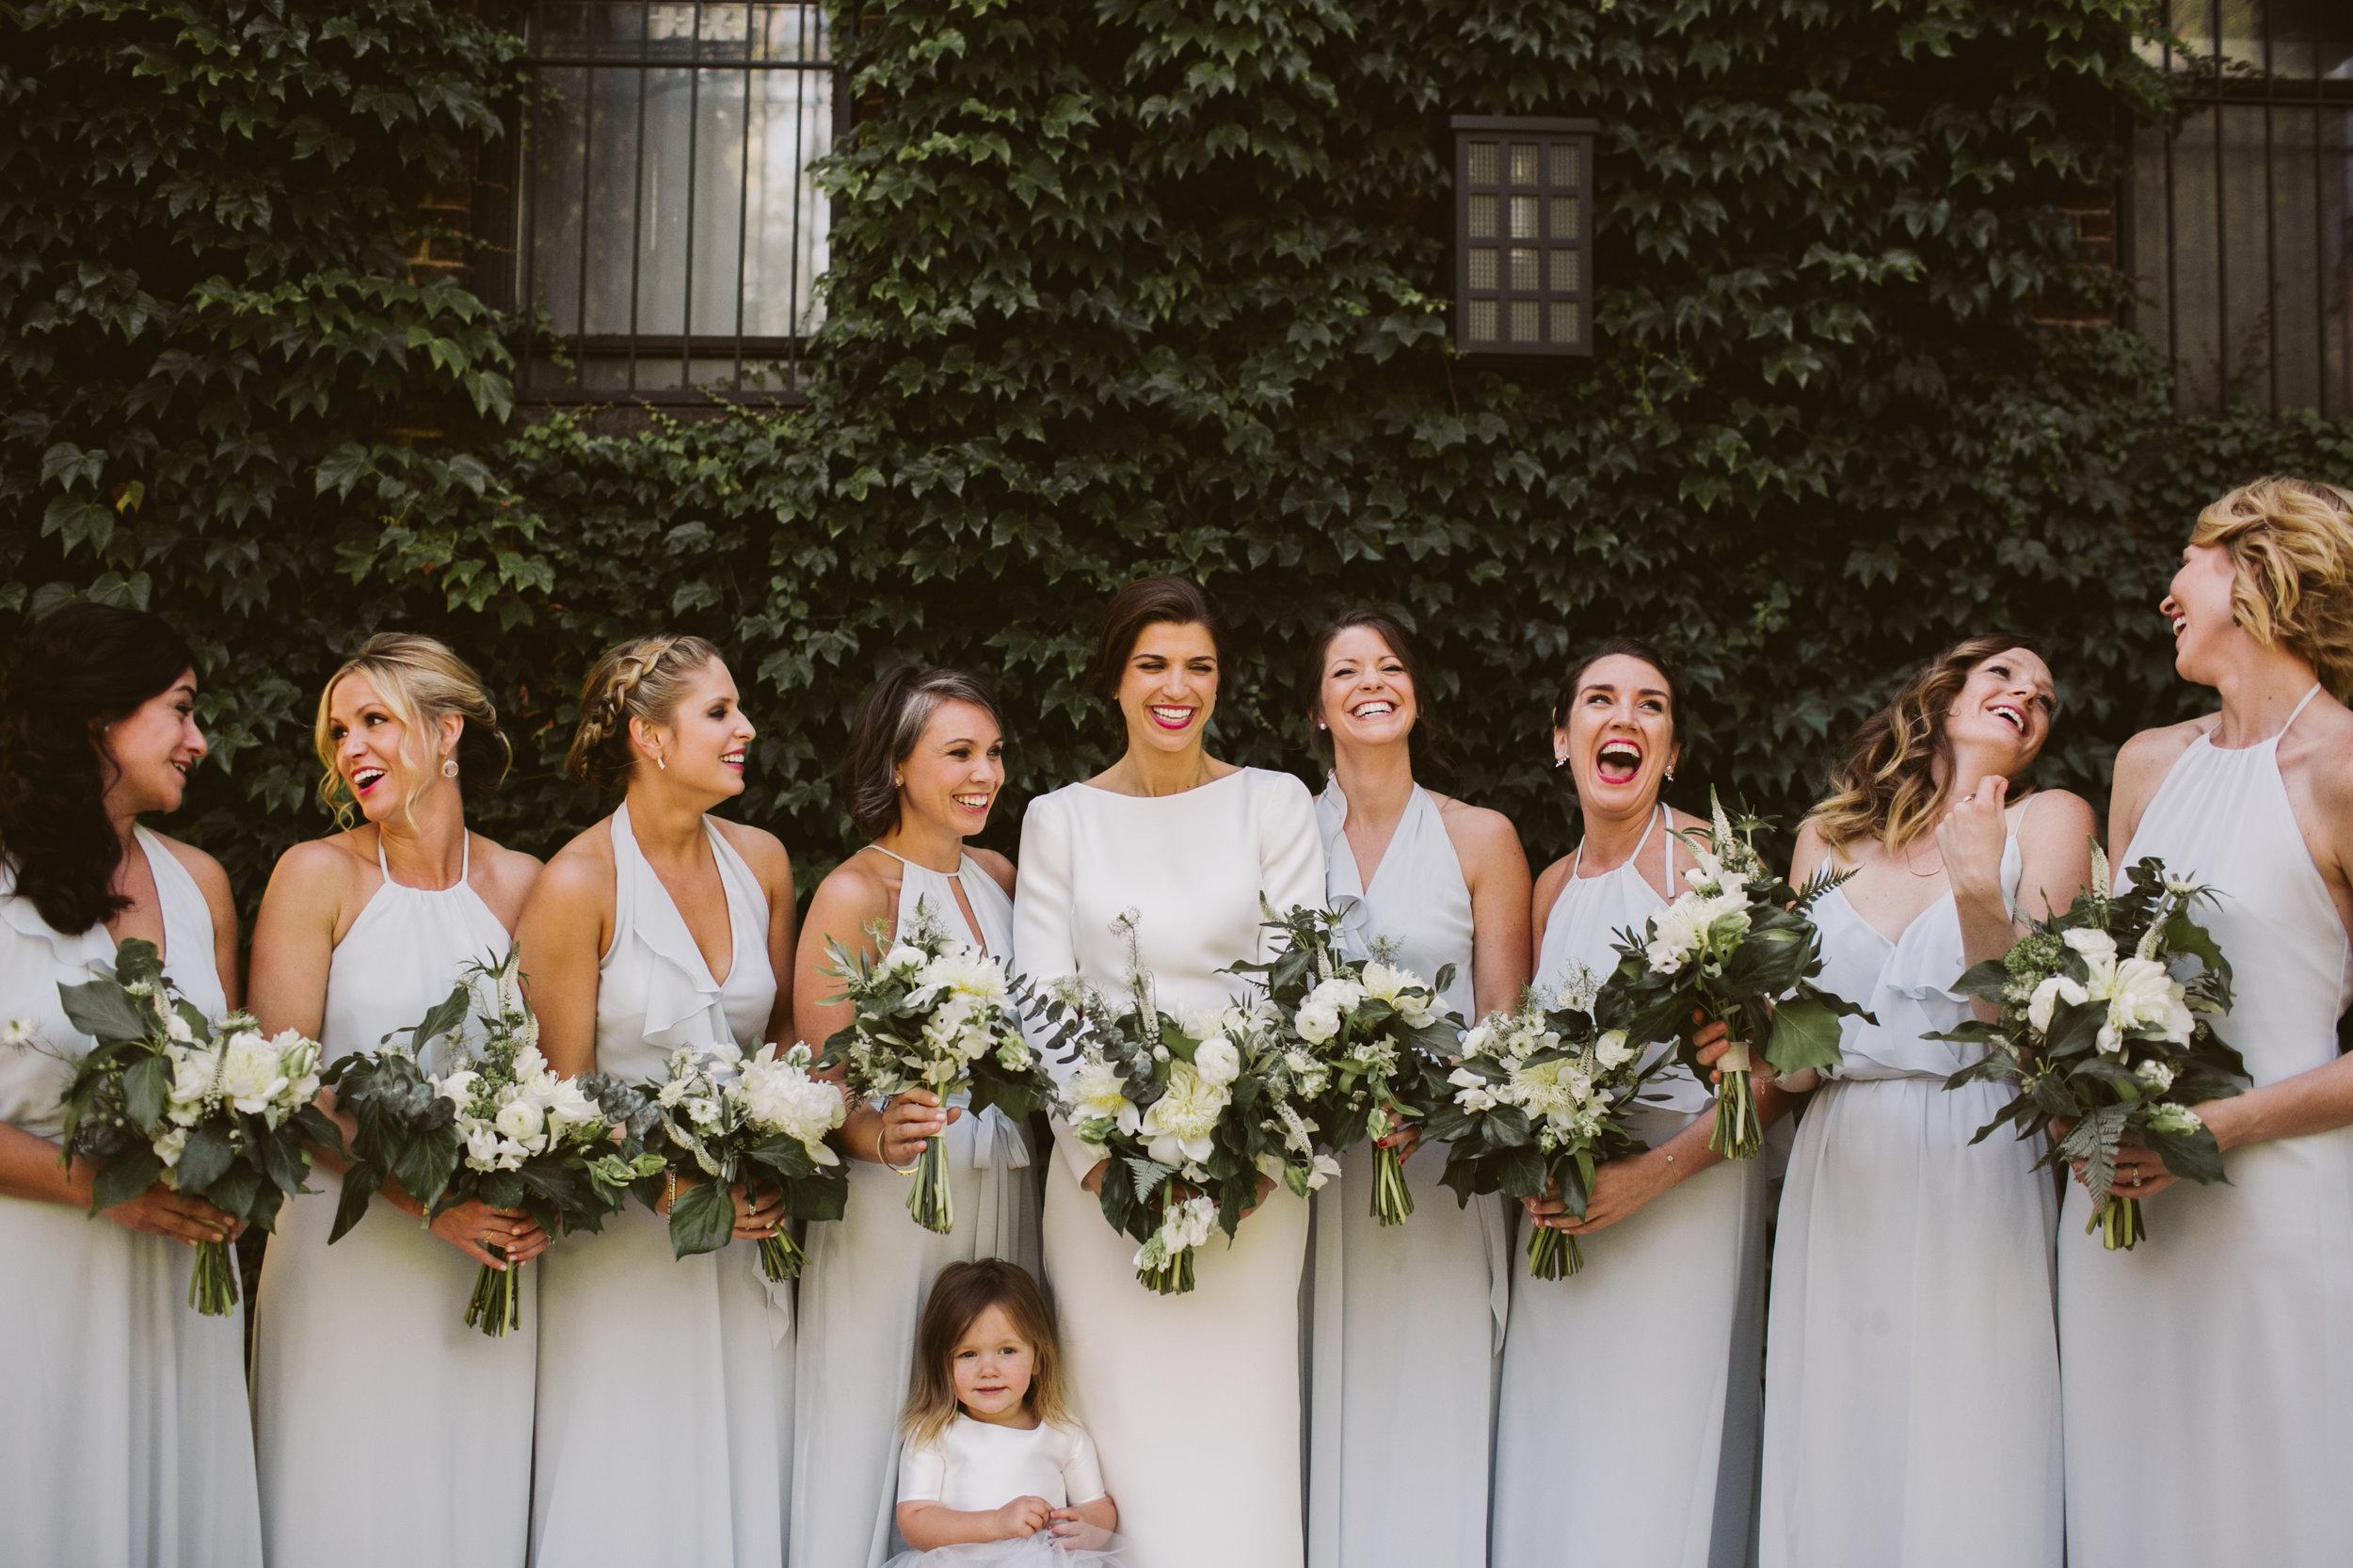 SA_WeddingParty-34.jpg